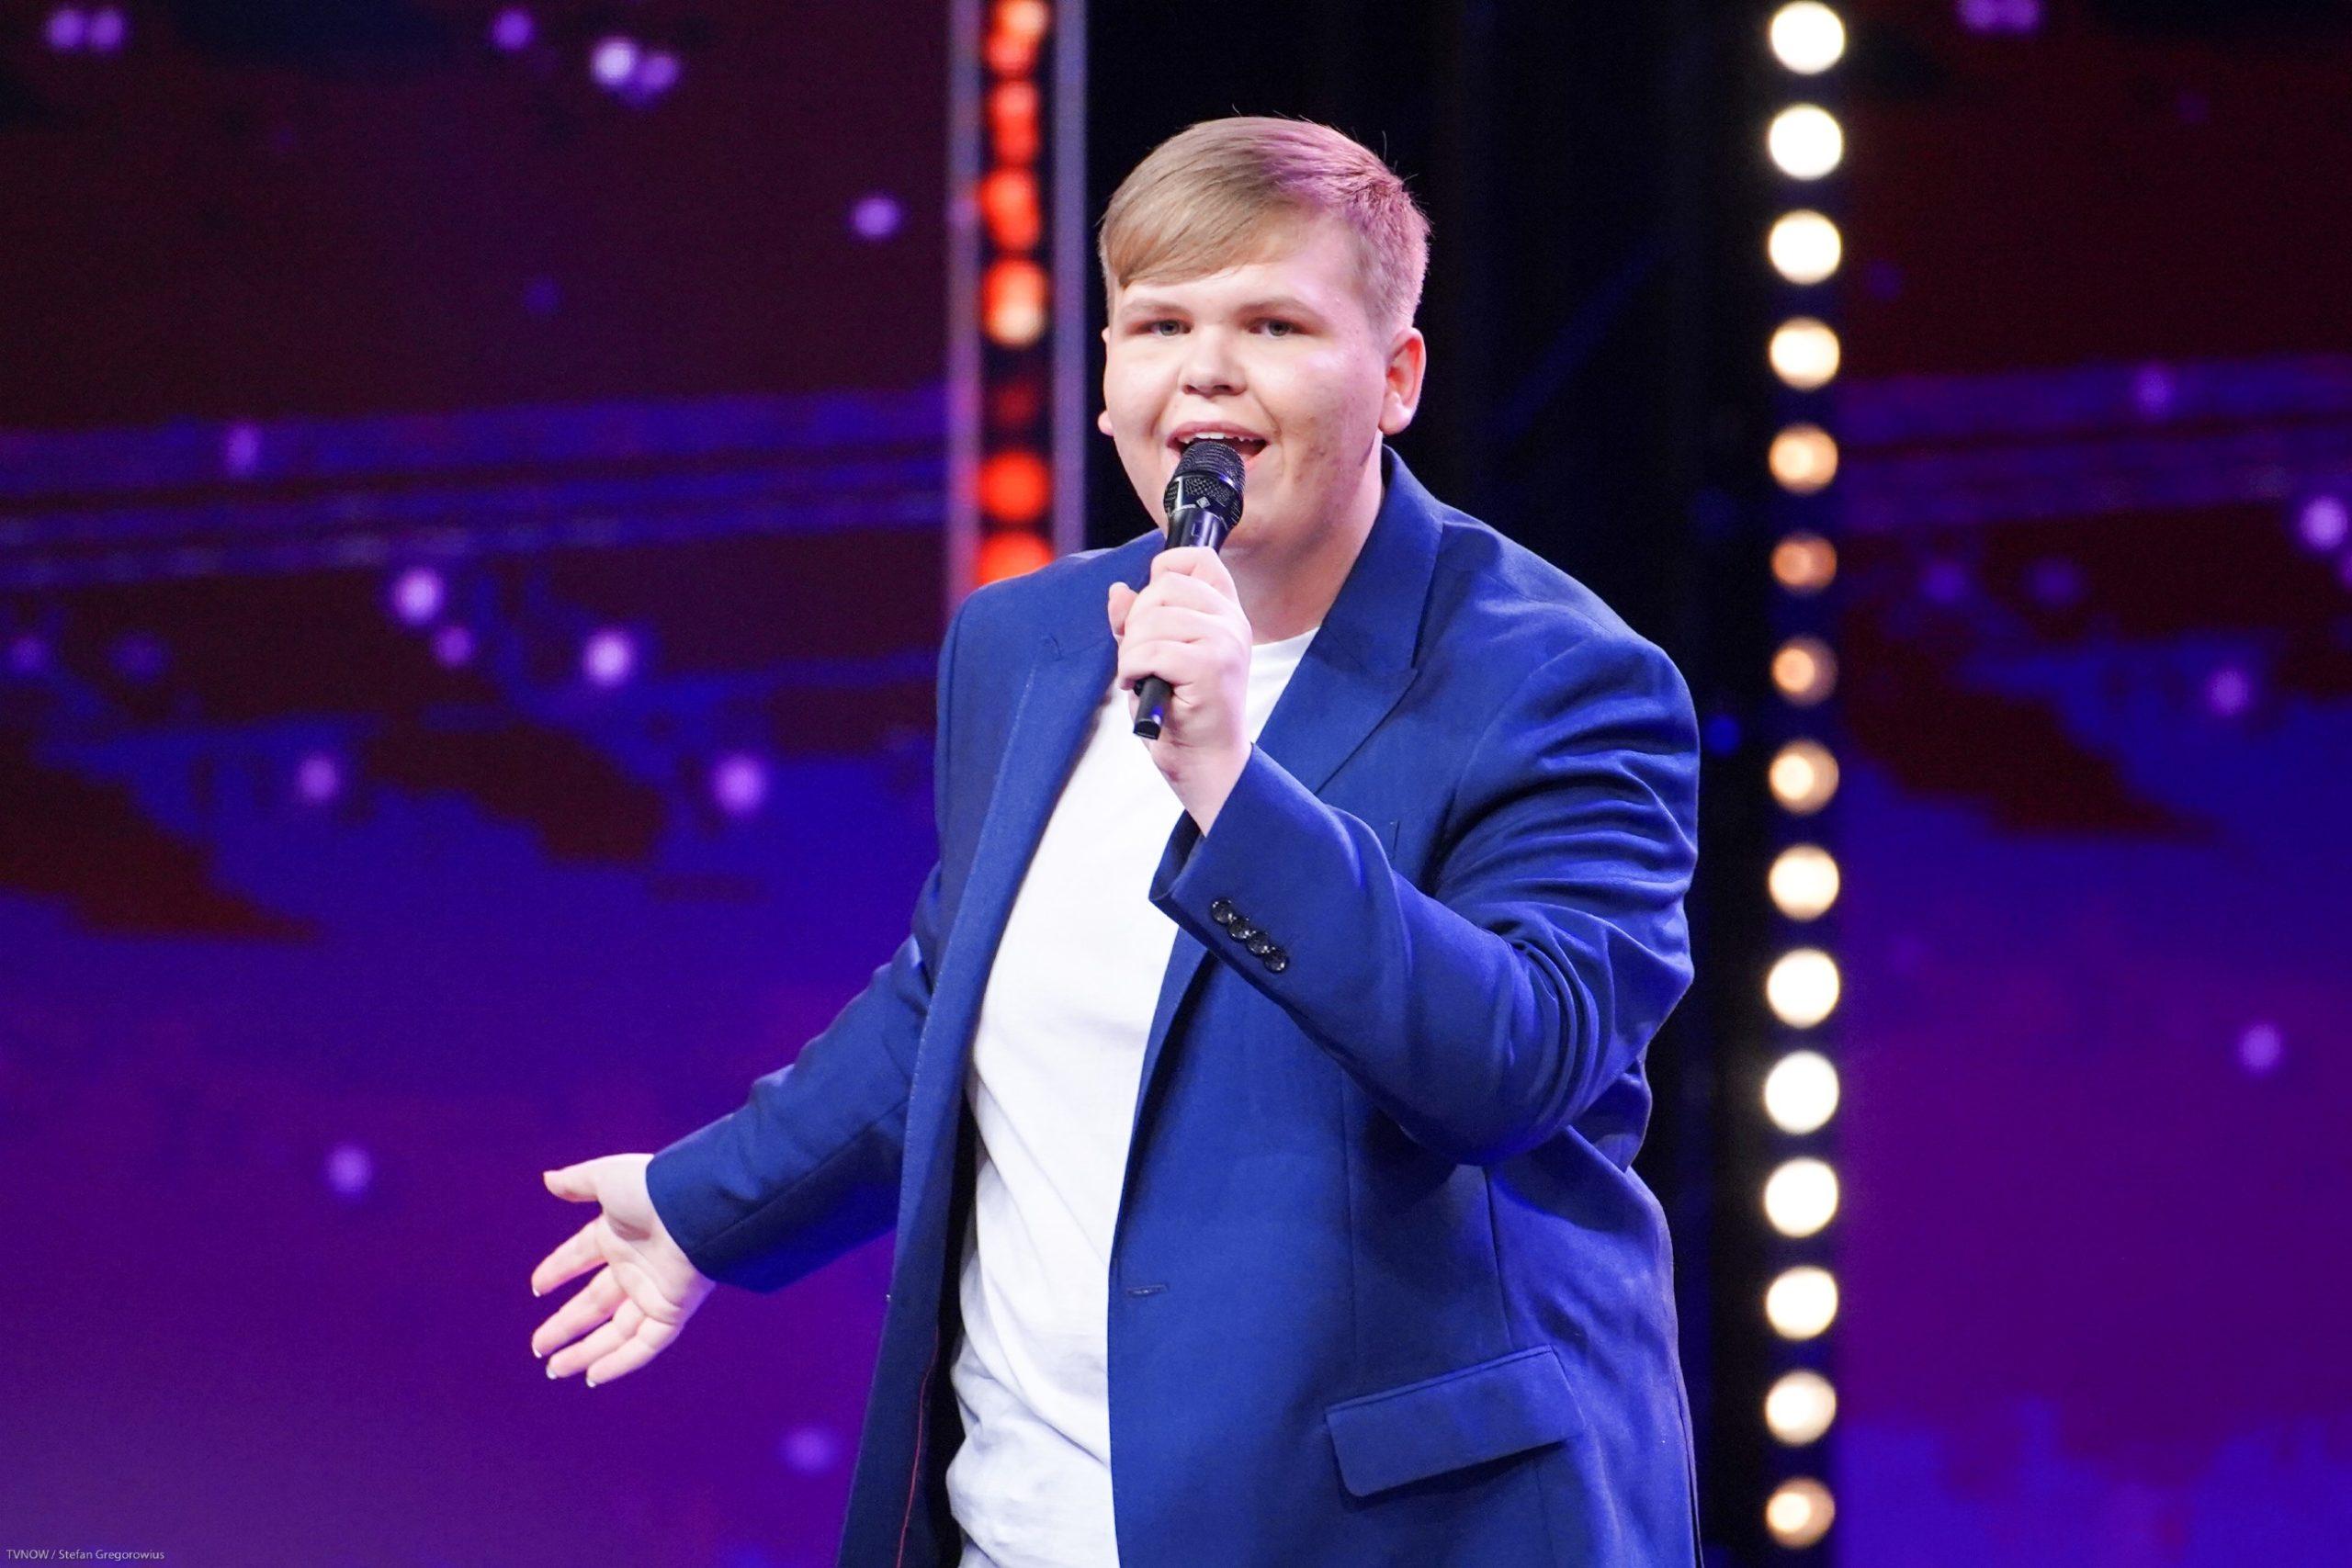 Das Supertalent 2019 Show 11 - Patrick Bertoletti